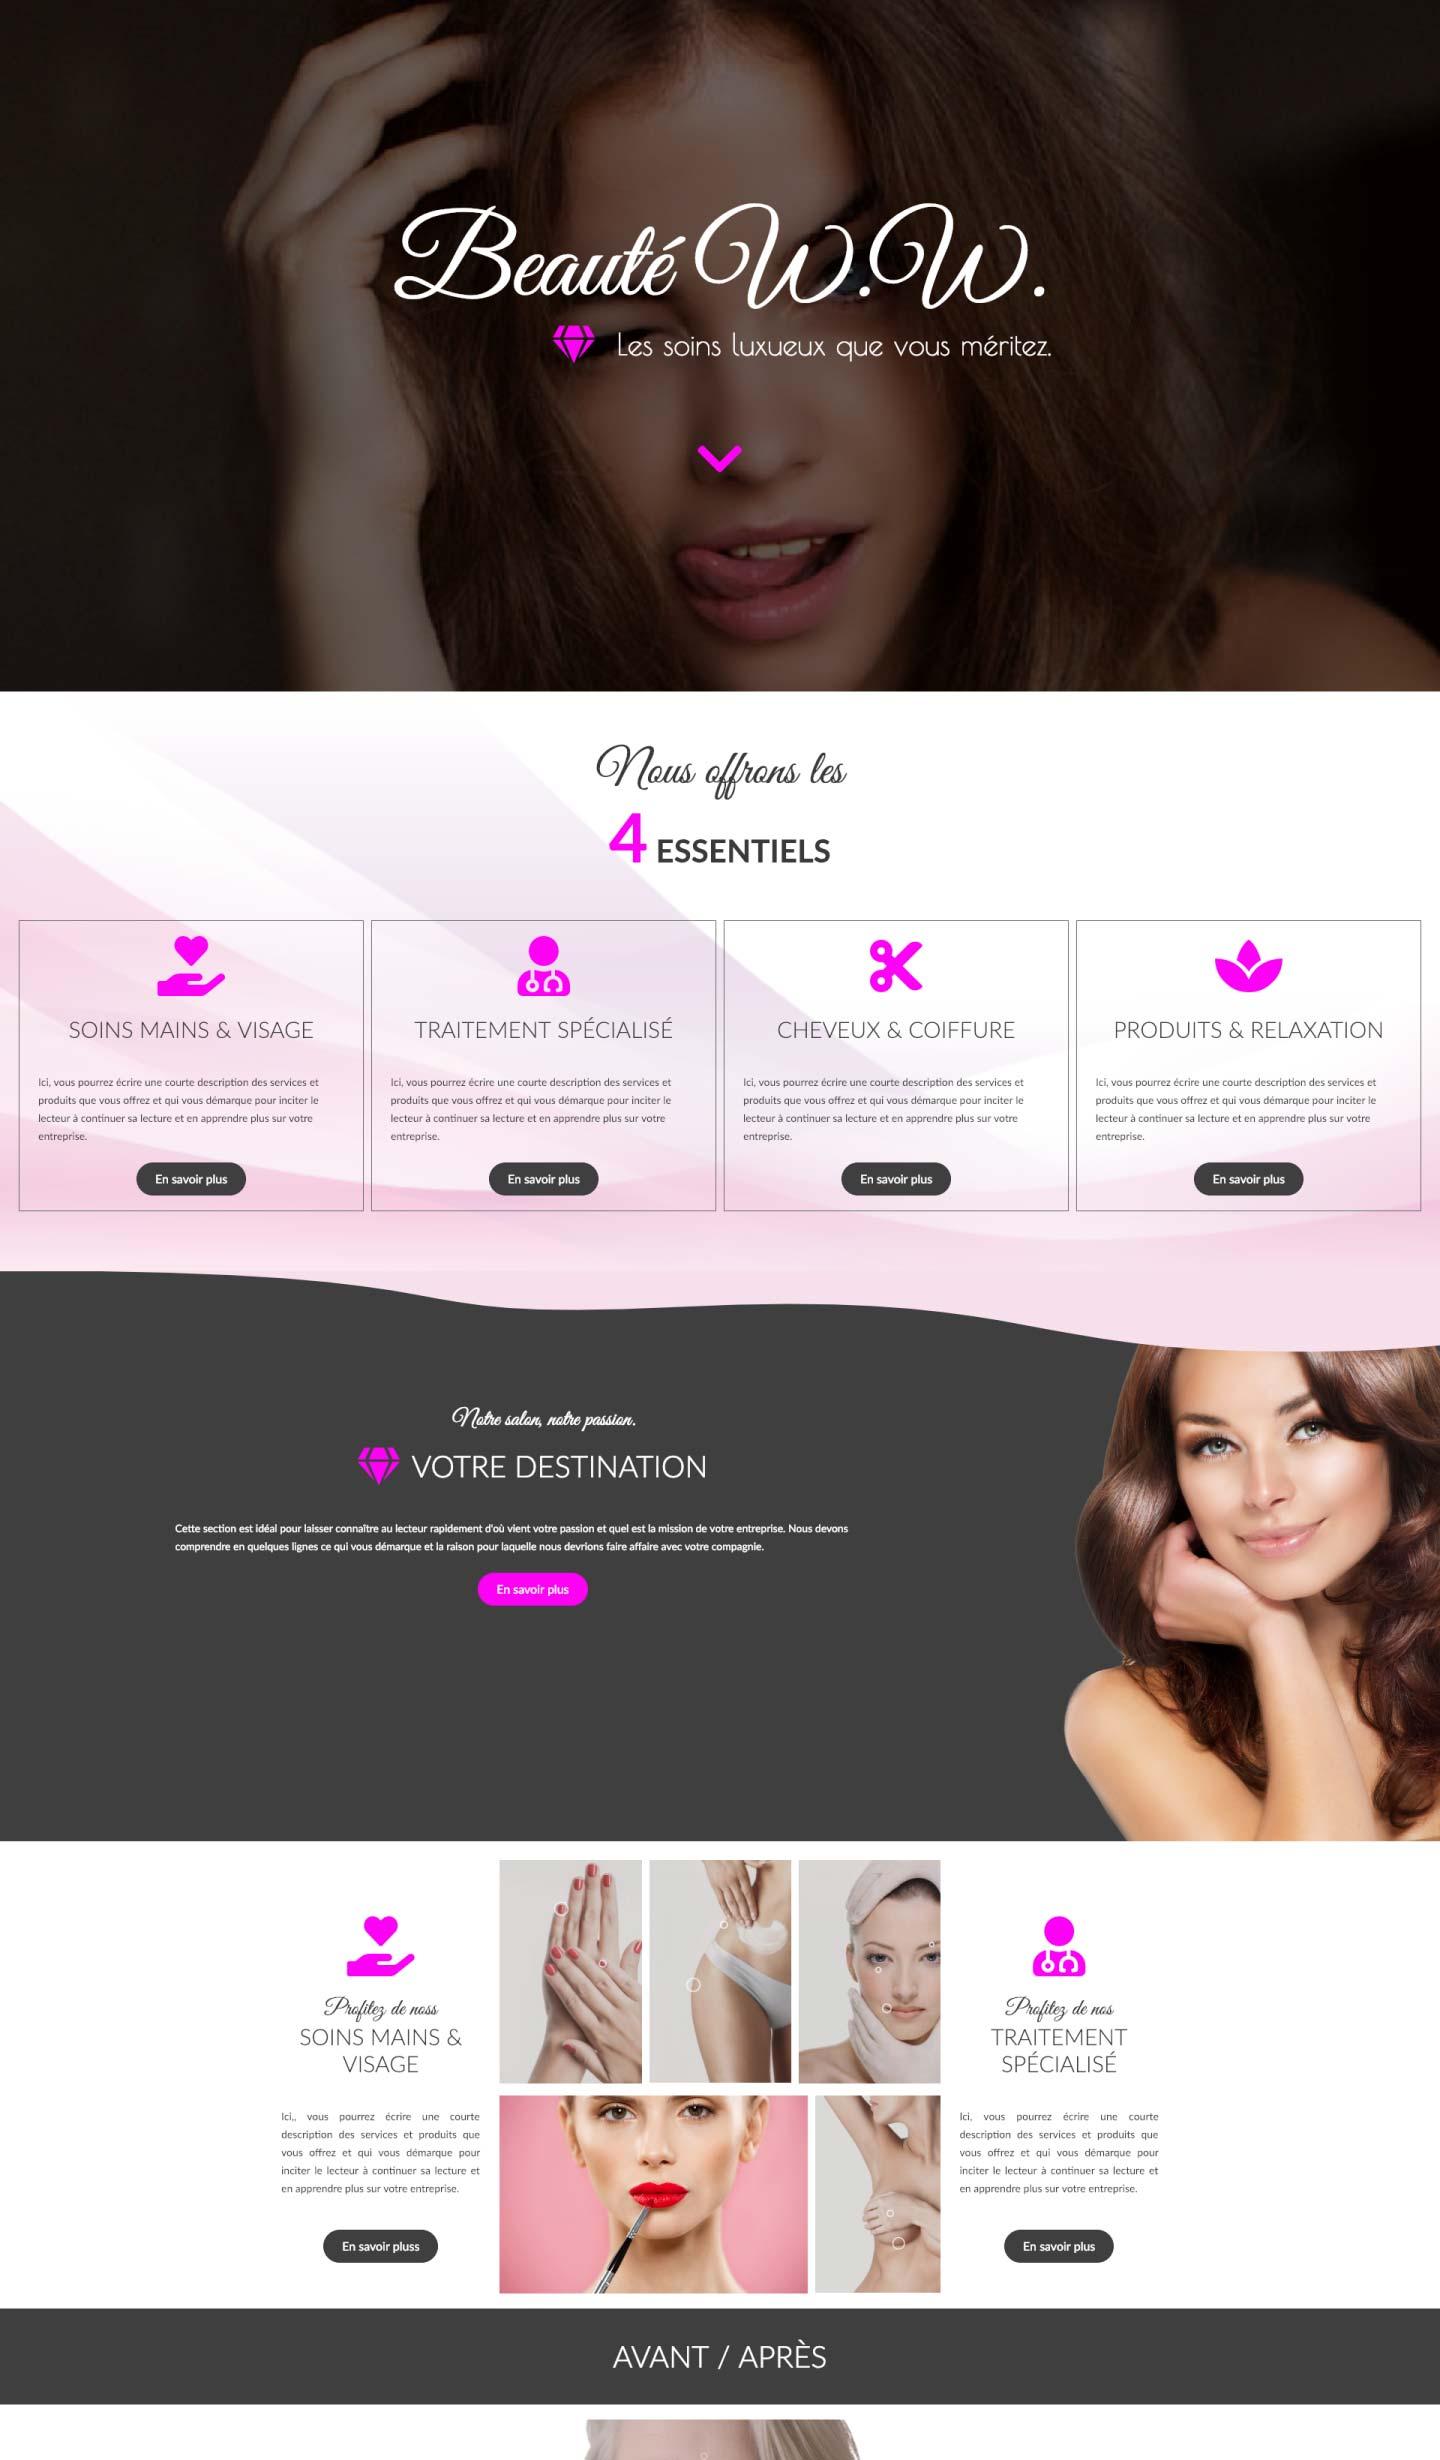 Modele-page-web-salon-beaute-Conception-site-web